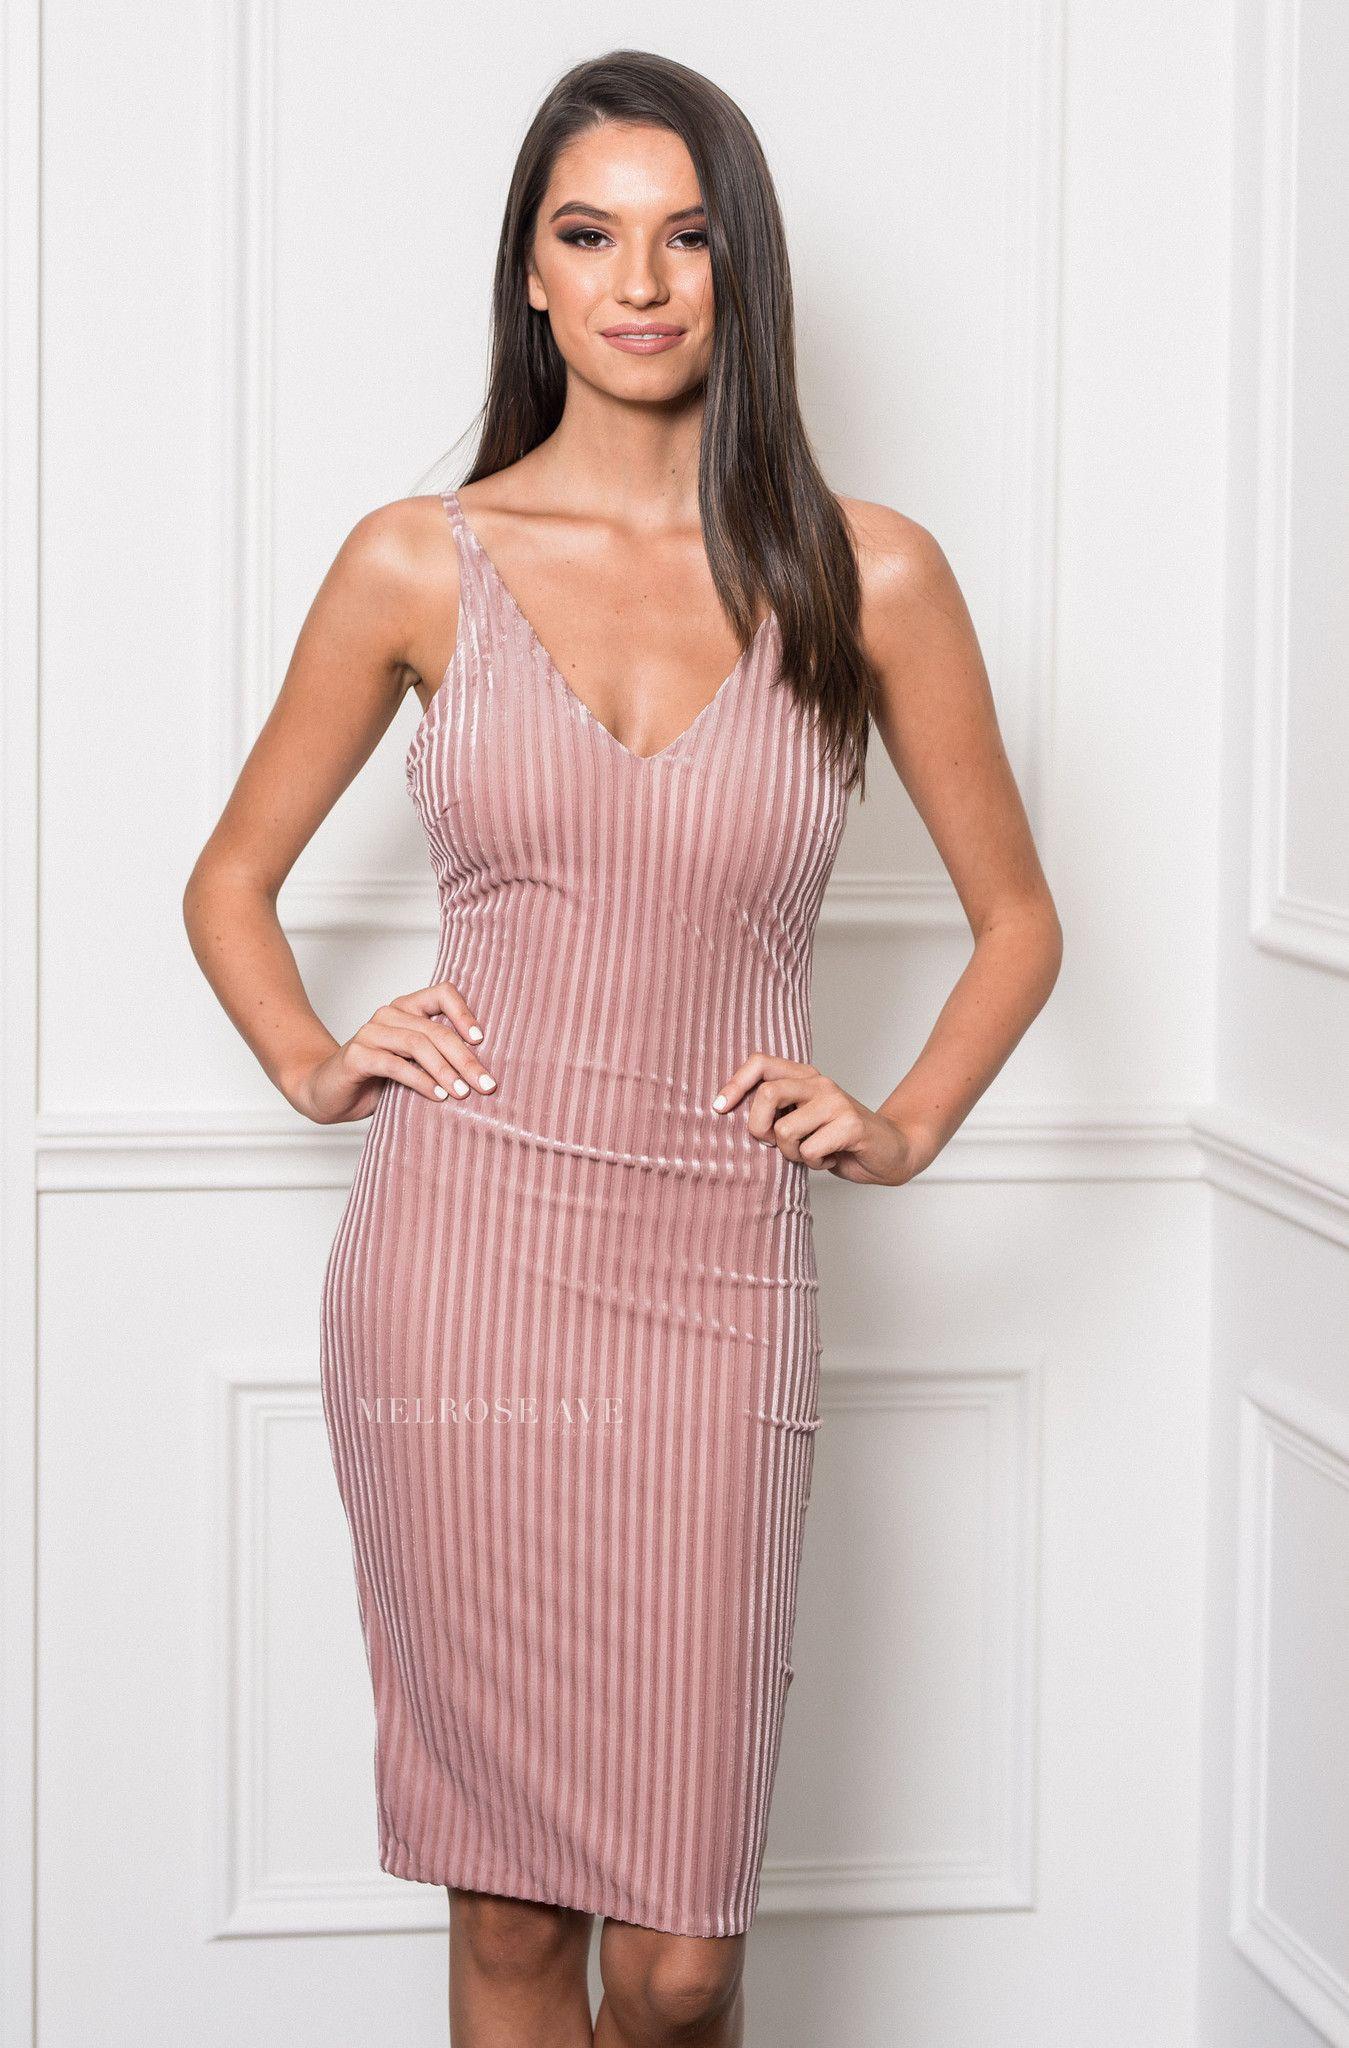 La Femme Velvet Dress – Melrose Ave Fashion | Pins I Liked | Pinterest